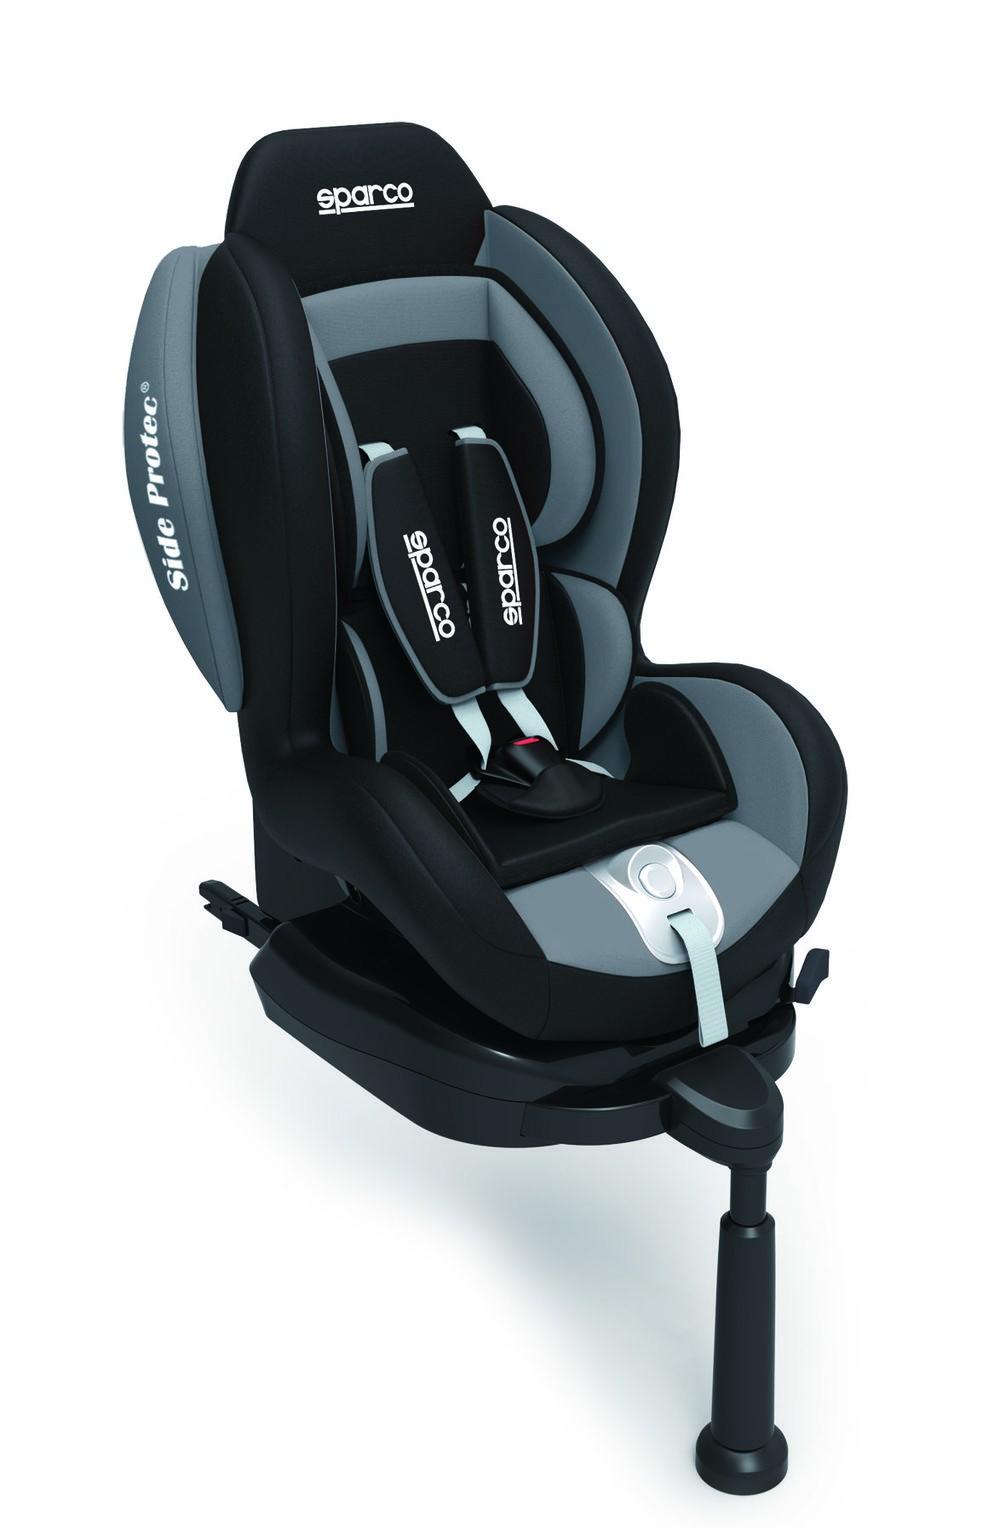 Kinderstoel 0 Maanden.Sparco Kinderstoel F500i K Isofix Crossparts Be